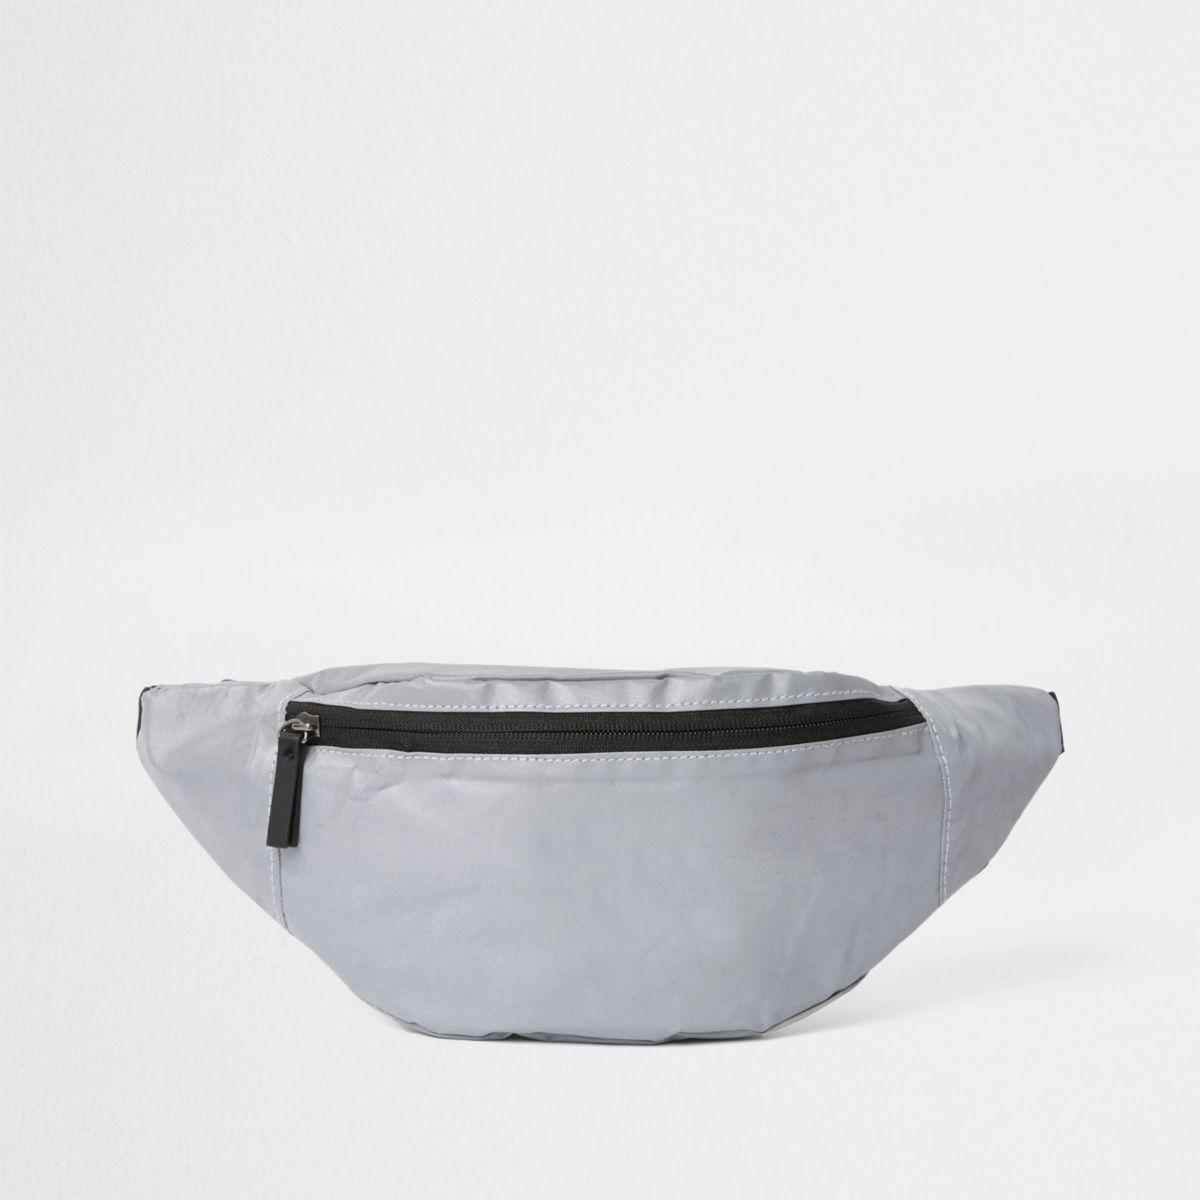 Grey reflective bumbag